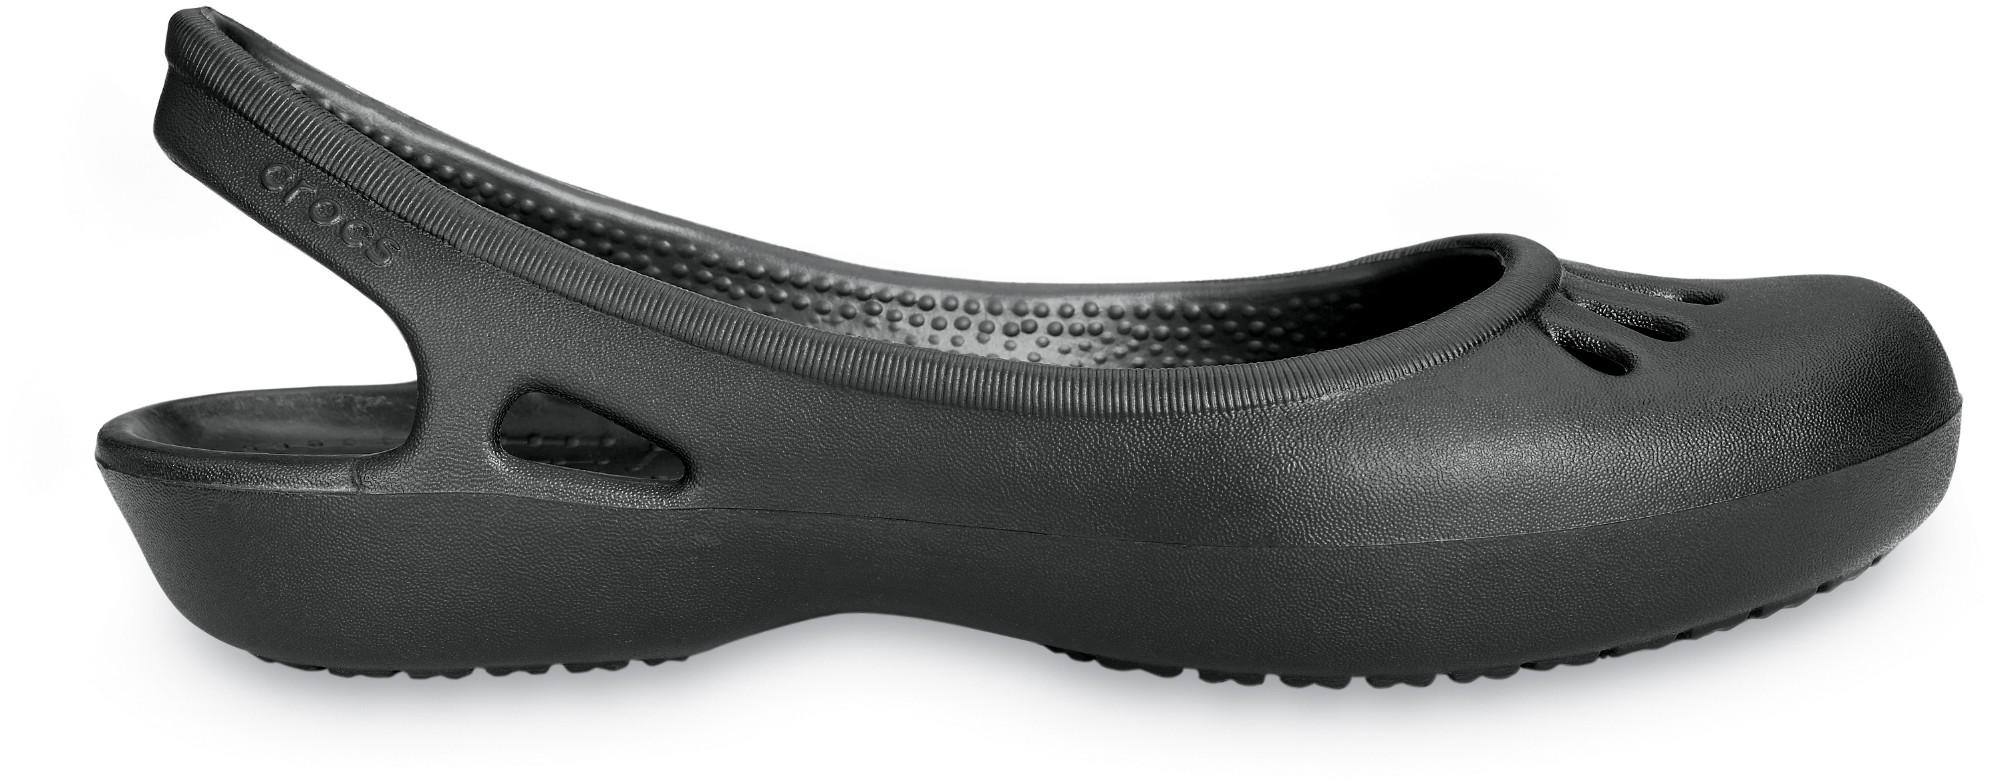 Crocs™ Malindi Flat Black 36,5